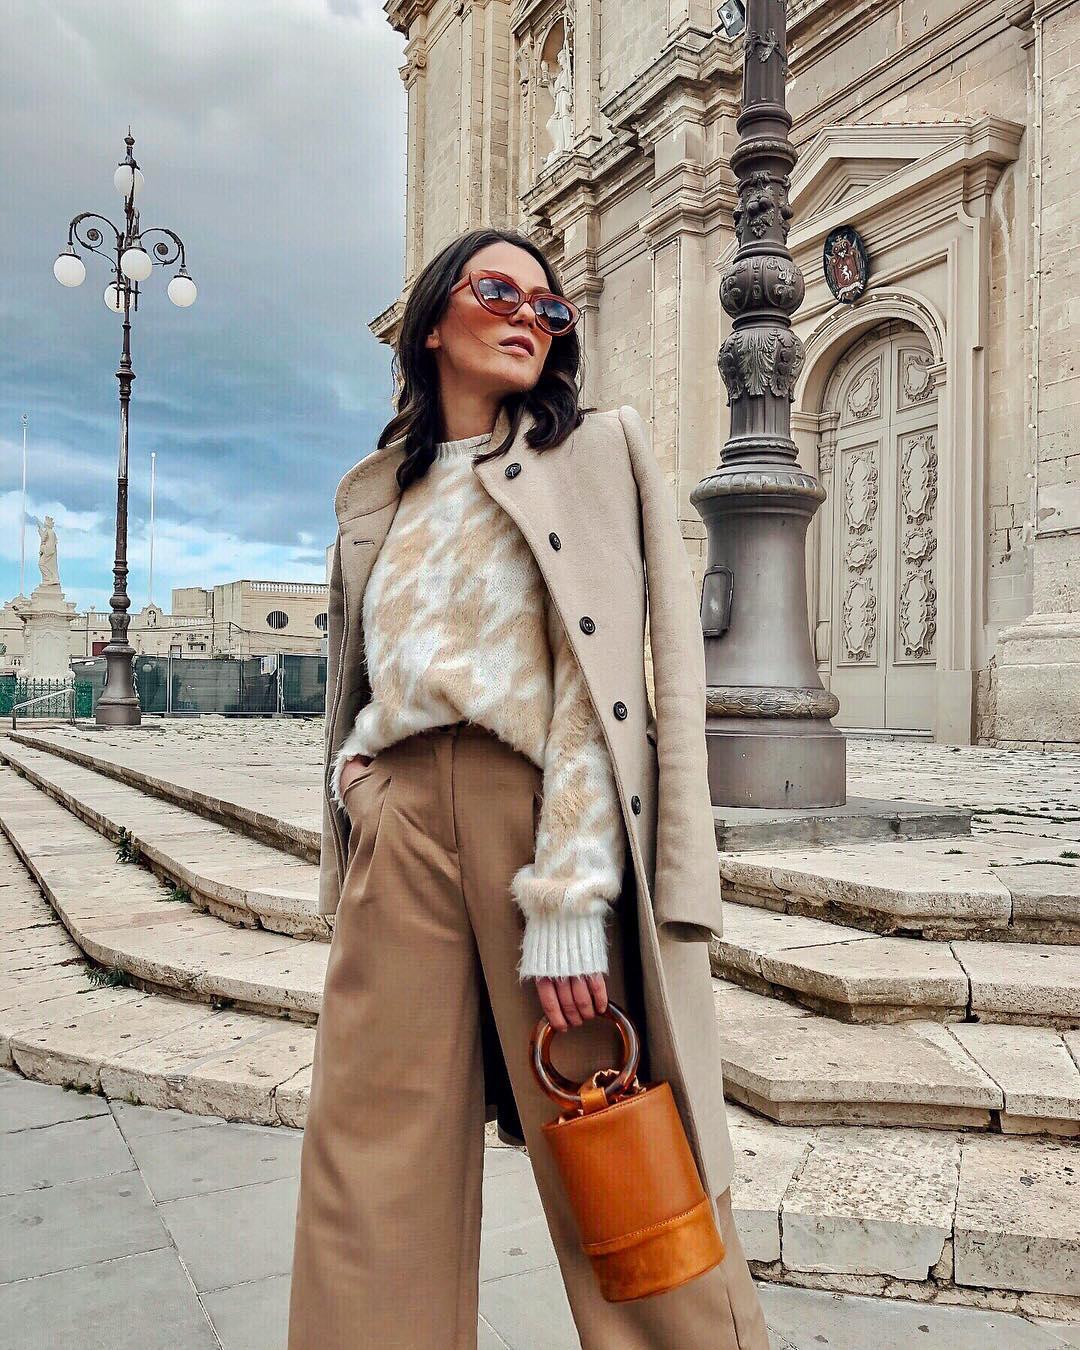 модные образы для деловых женщин осени 2019 фото 5